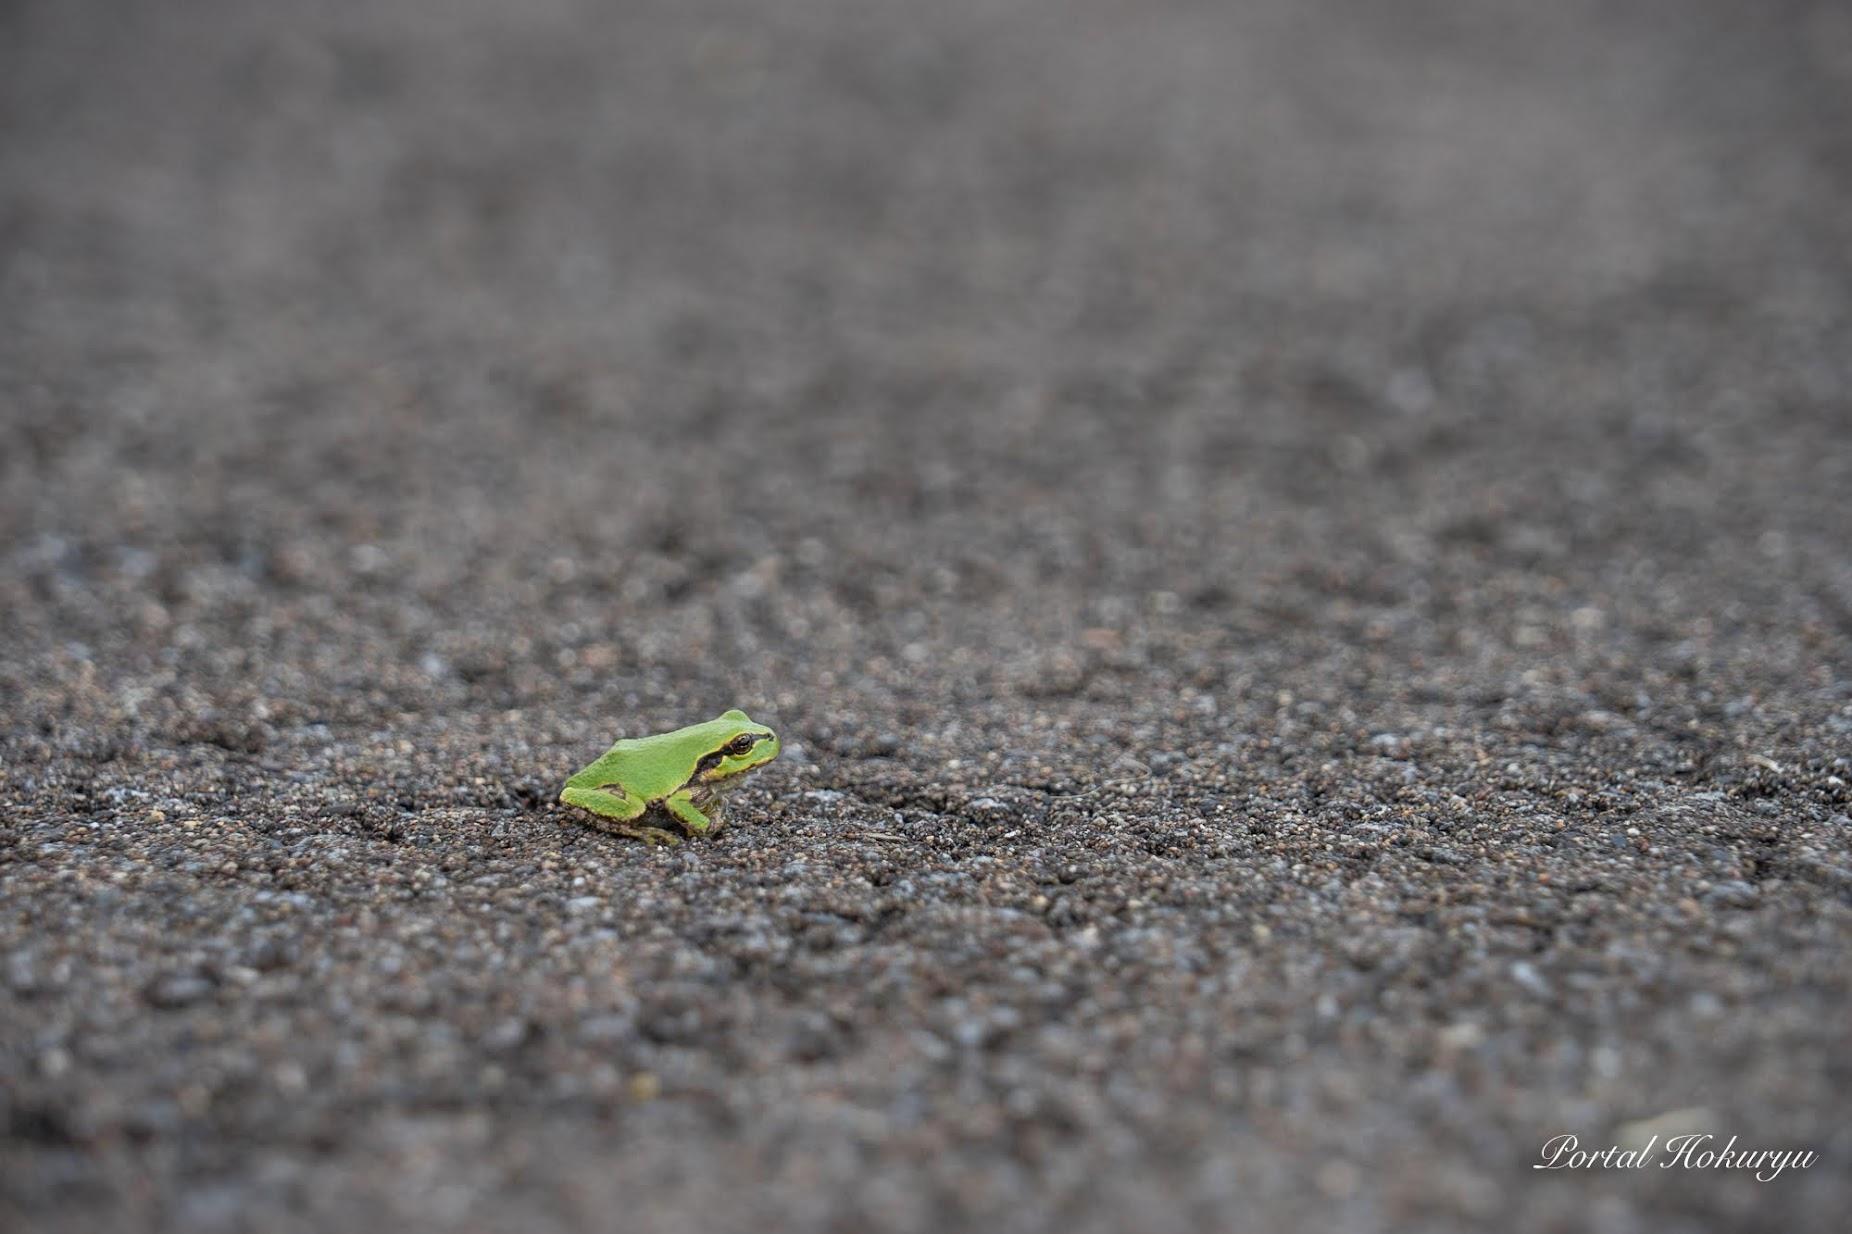 緑の小さなカエルちゃん